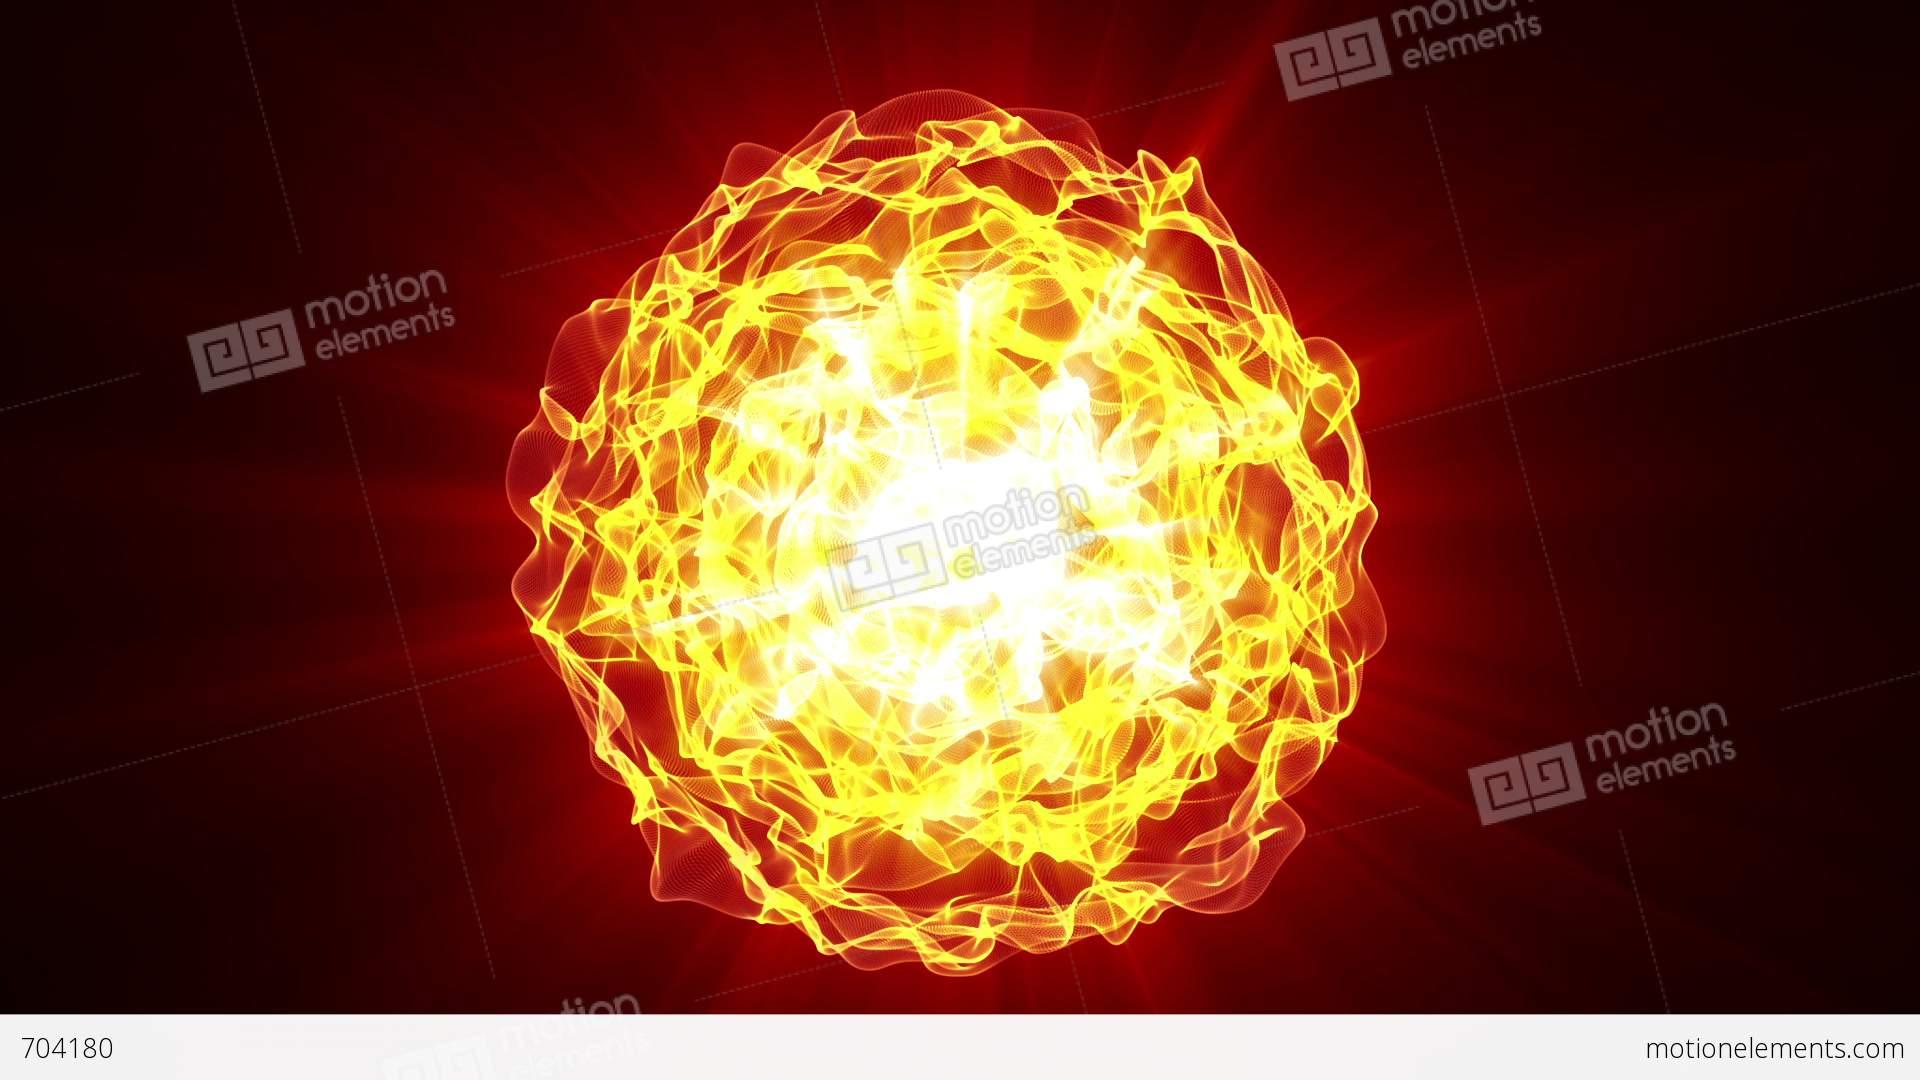 nuclear energy 01 explosion stock animation 704180